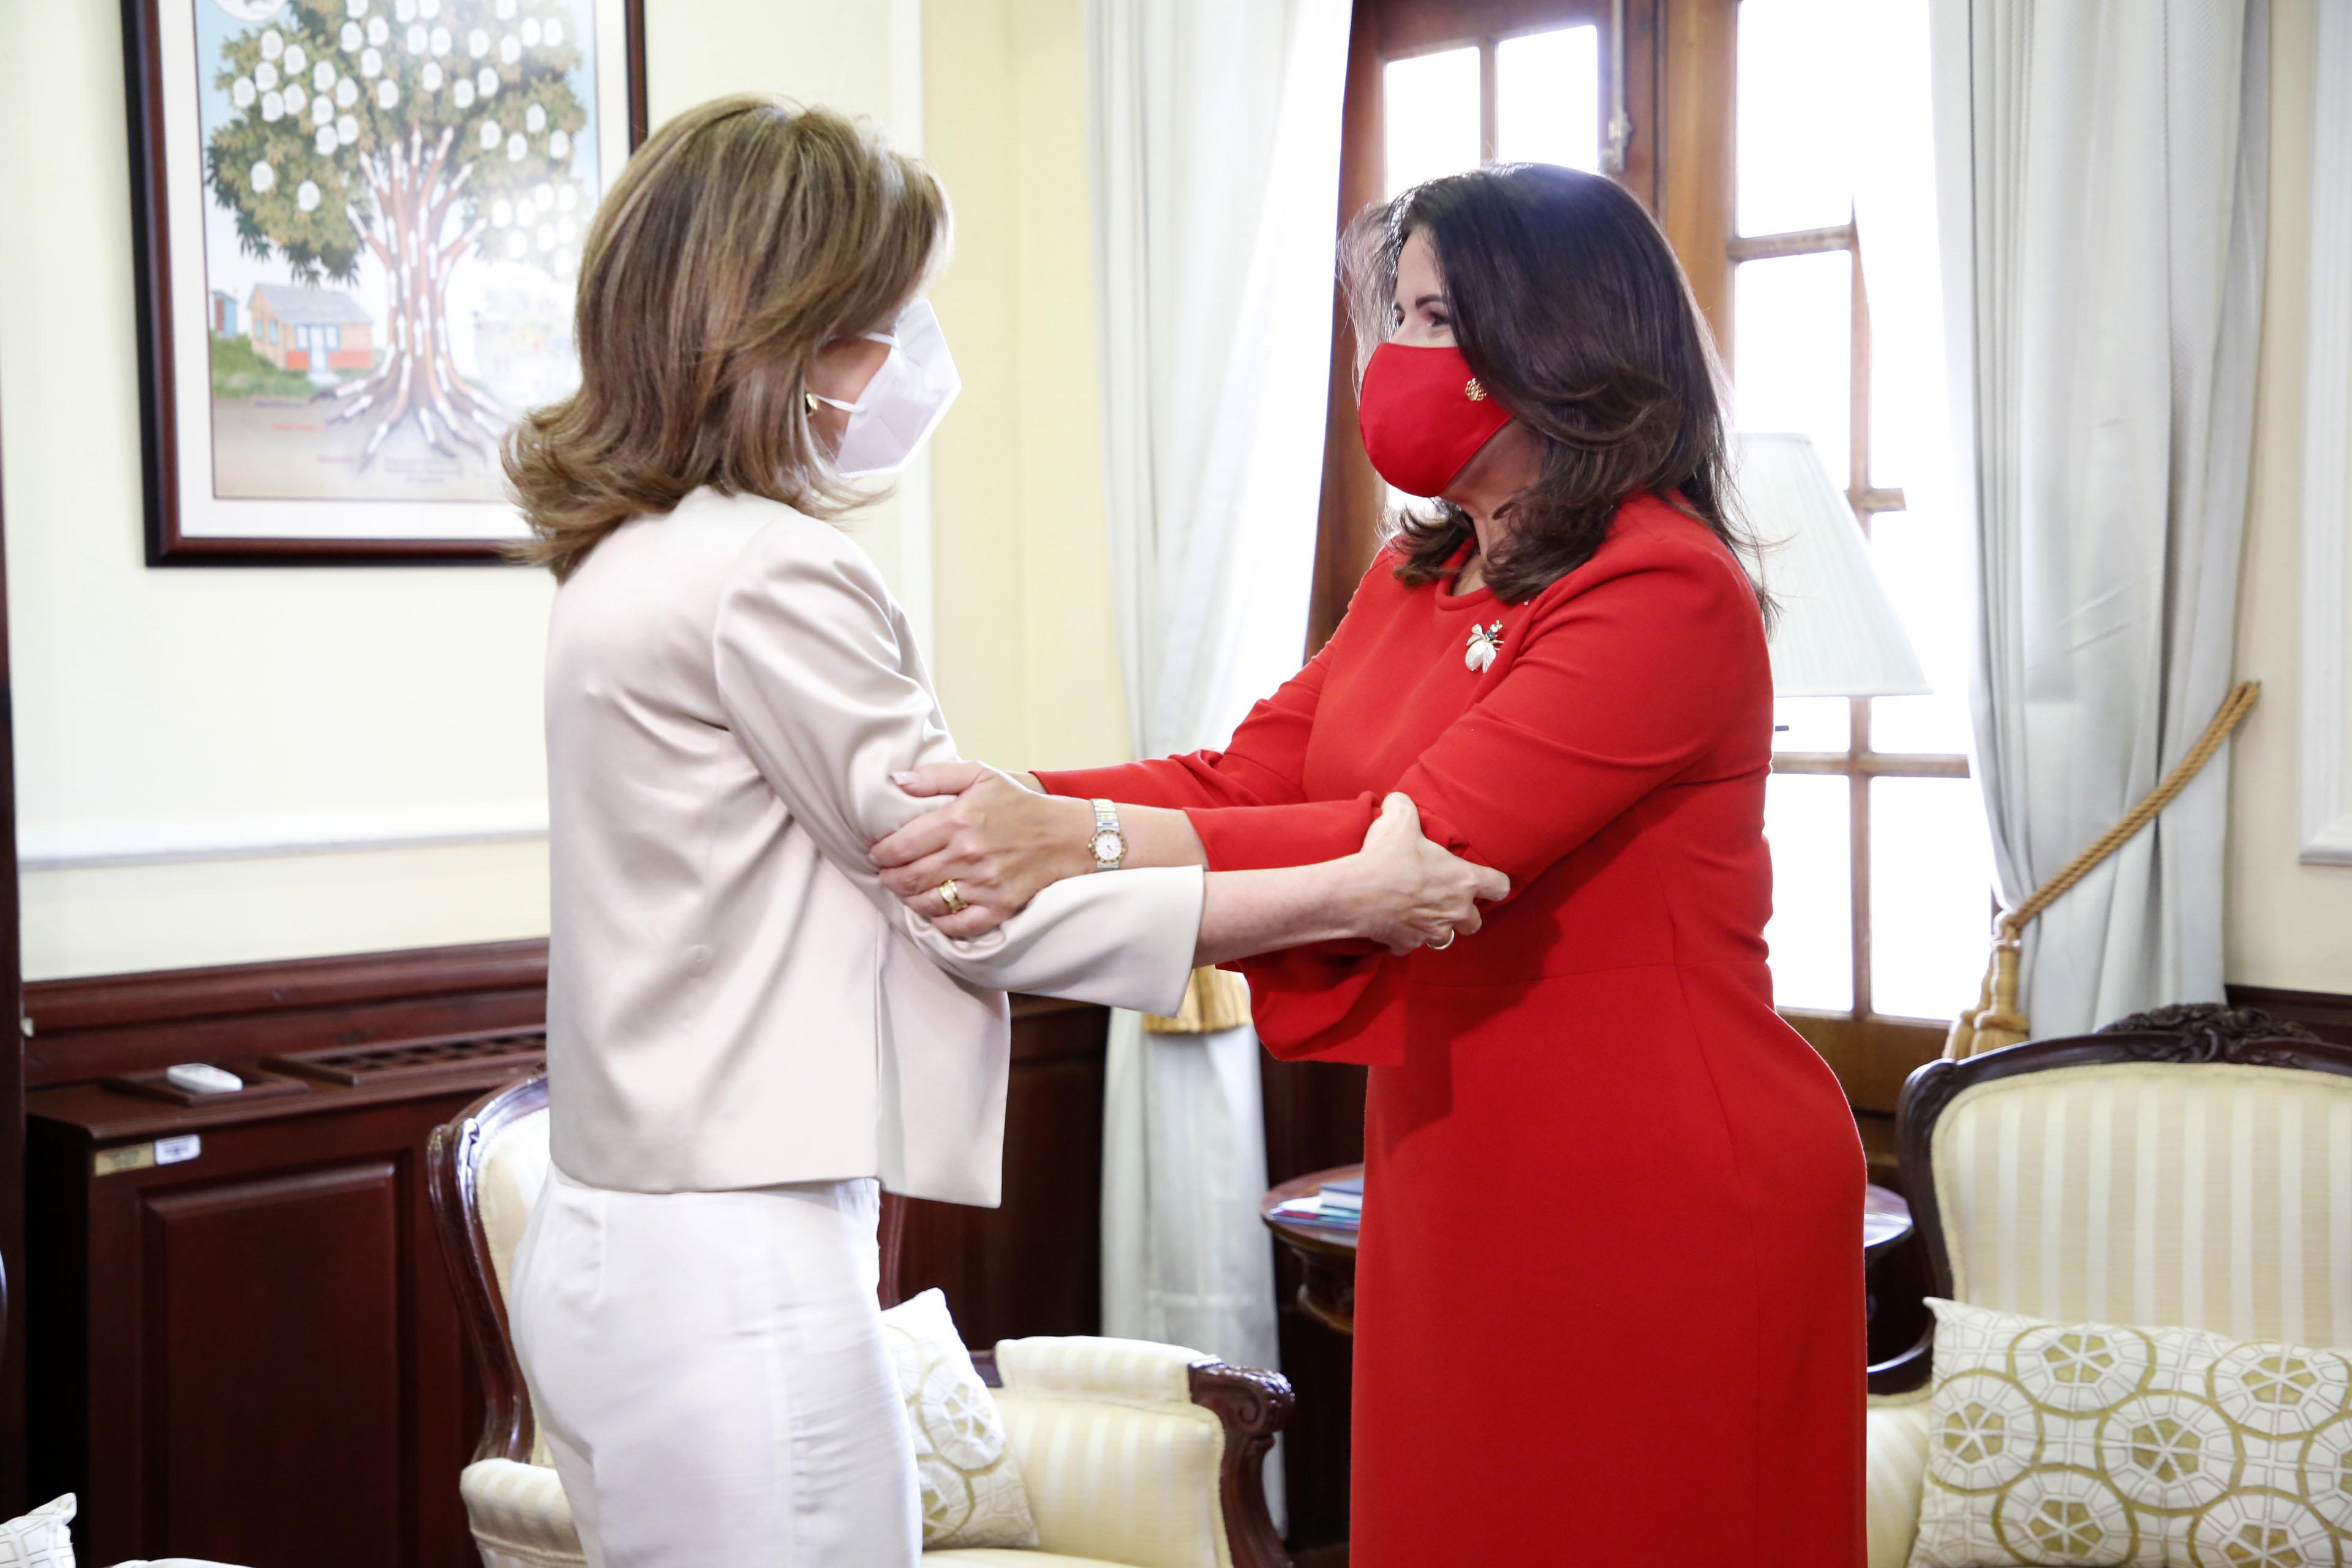 Vicepresidenta de la República y vicepresidenta electa se reúnen para coordinar transición